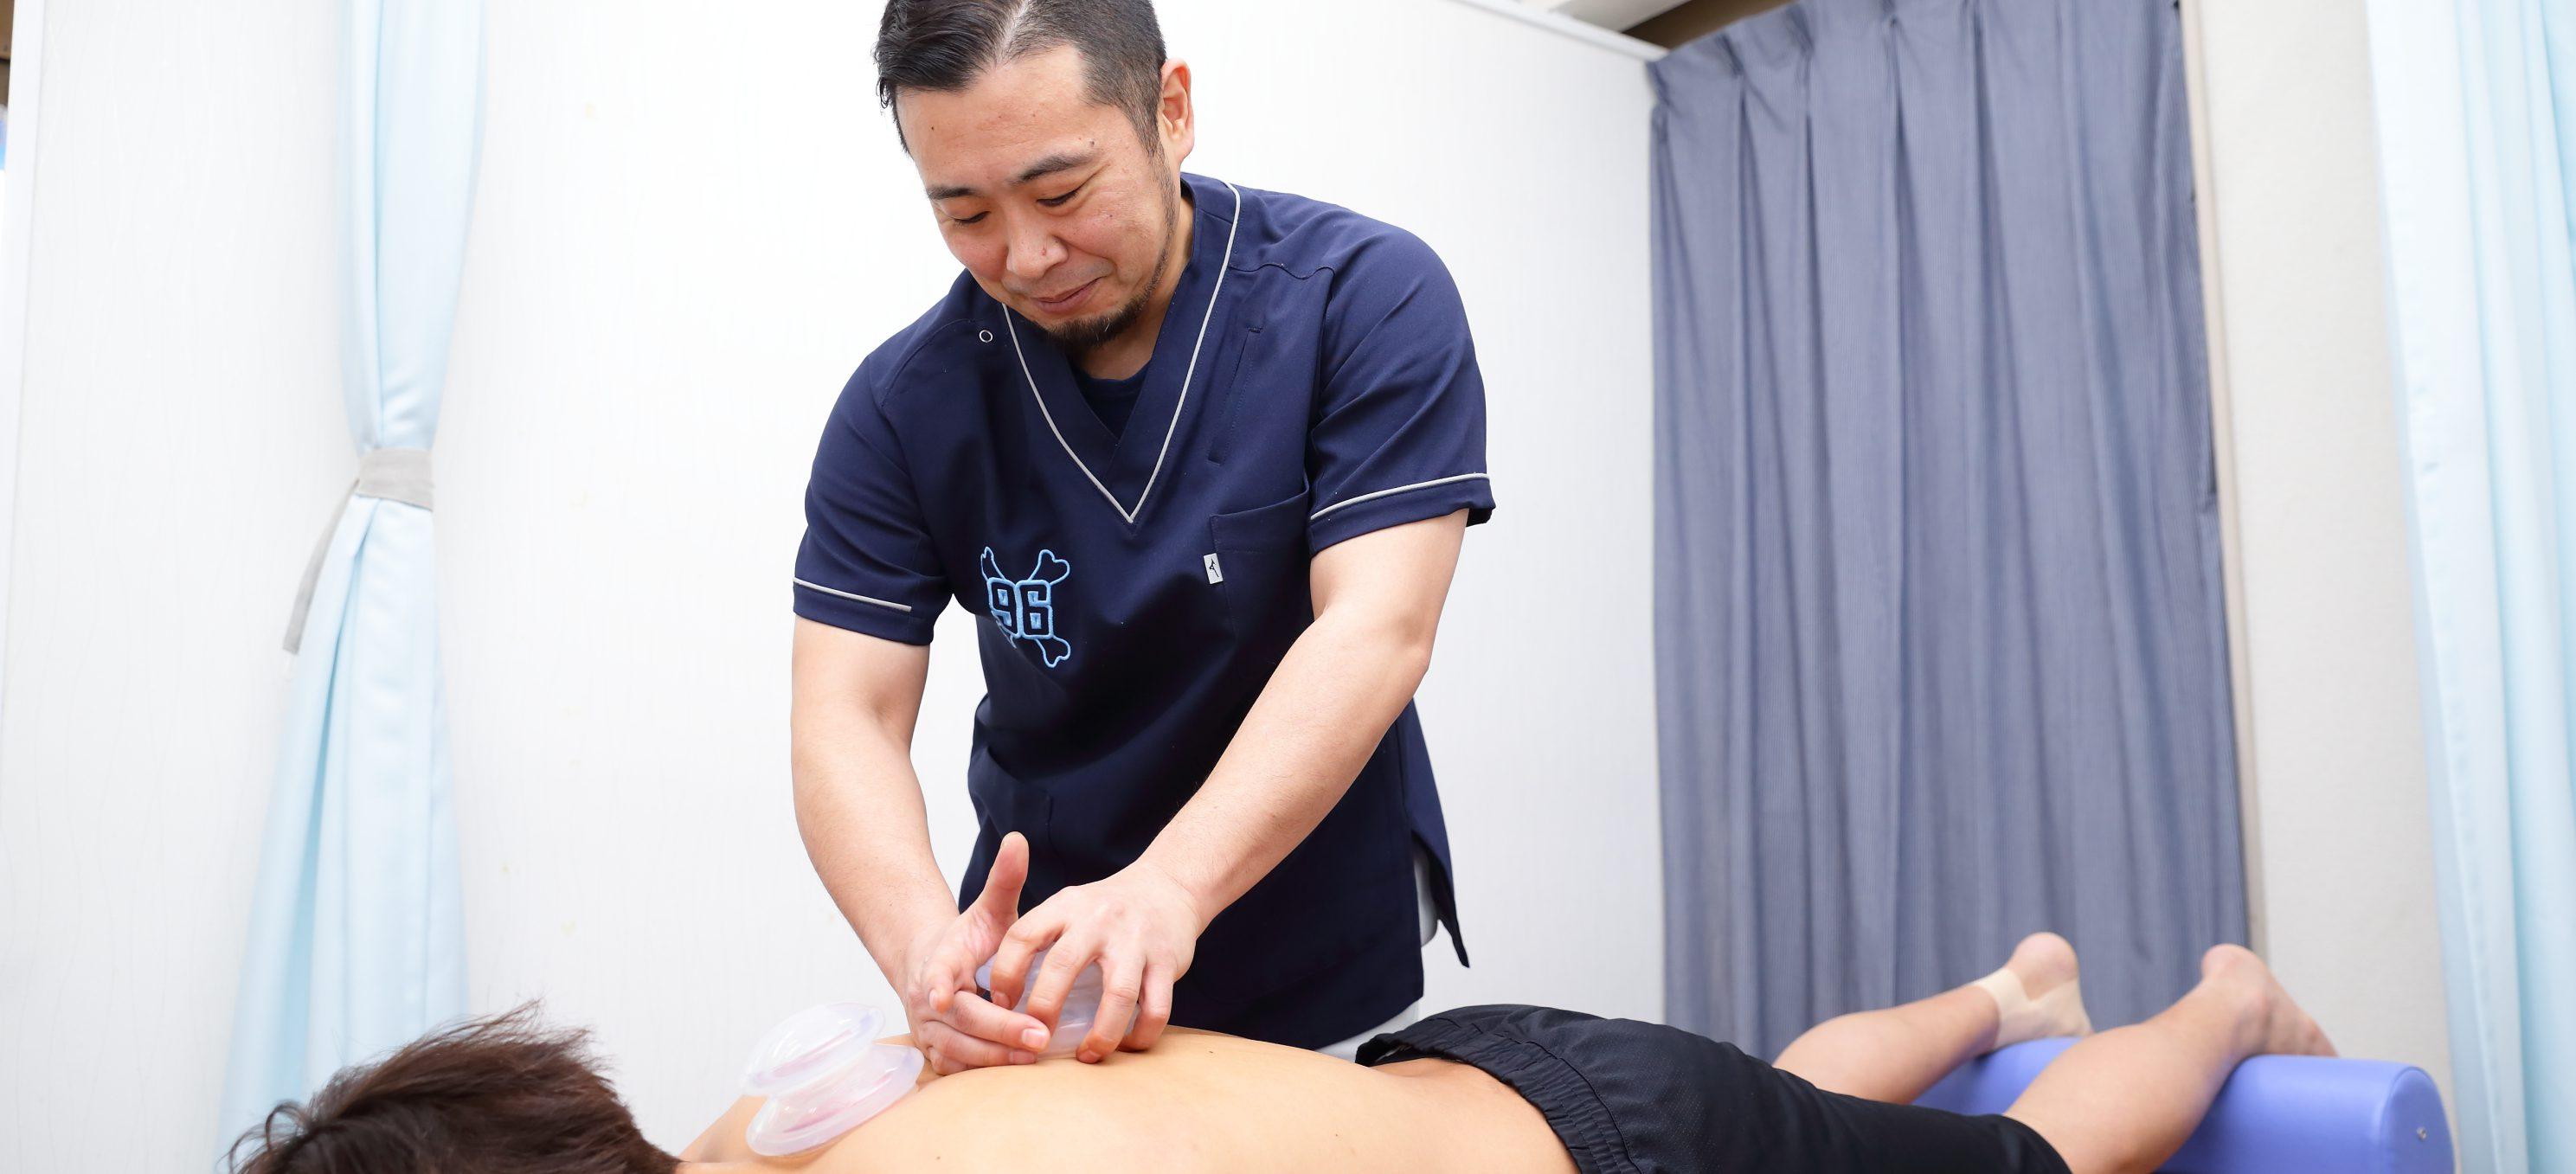 スポーツ専門治療|上野・台東区グロさんの接骨院